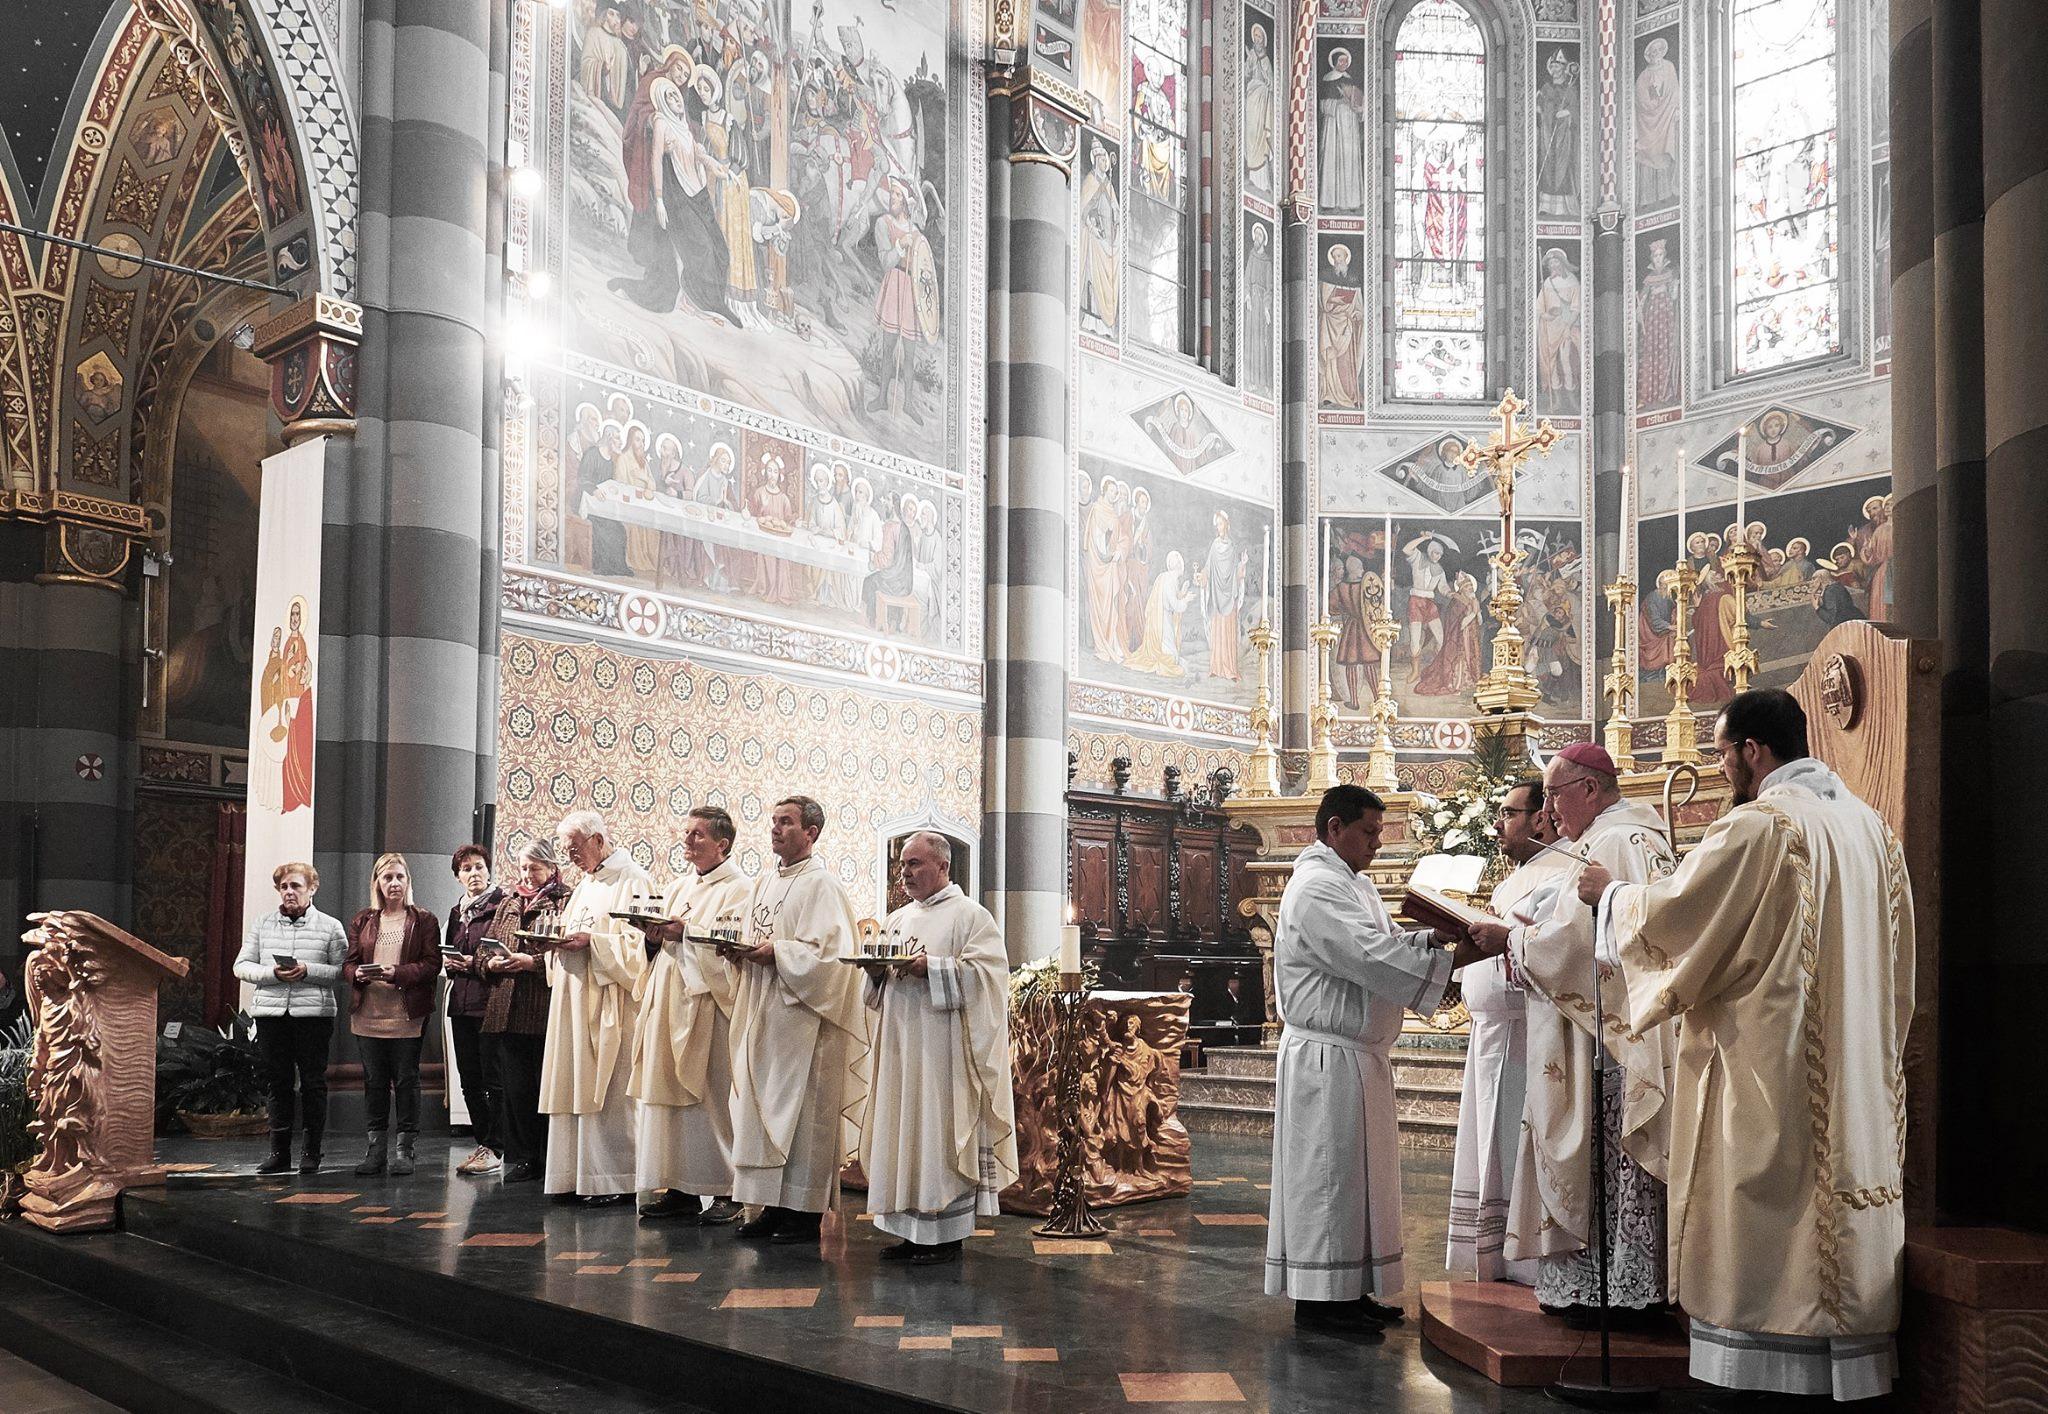 [photogallery] La messa del Crisma nella Cattedrale di Pinerolo